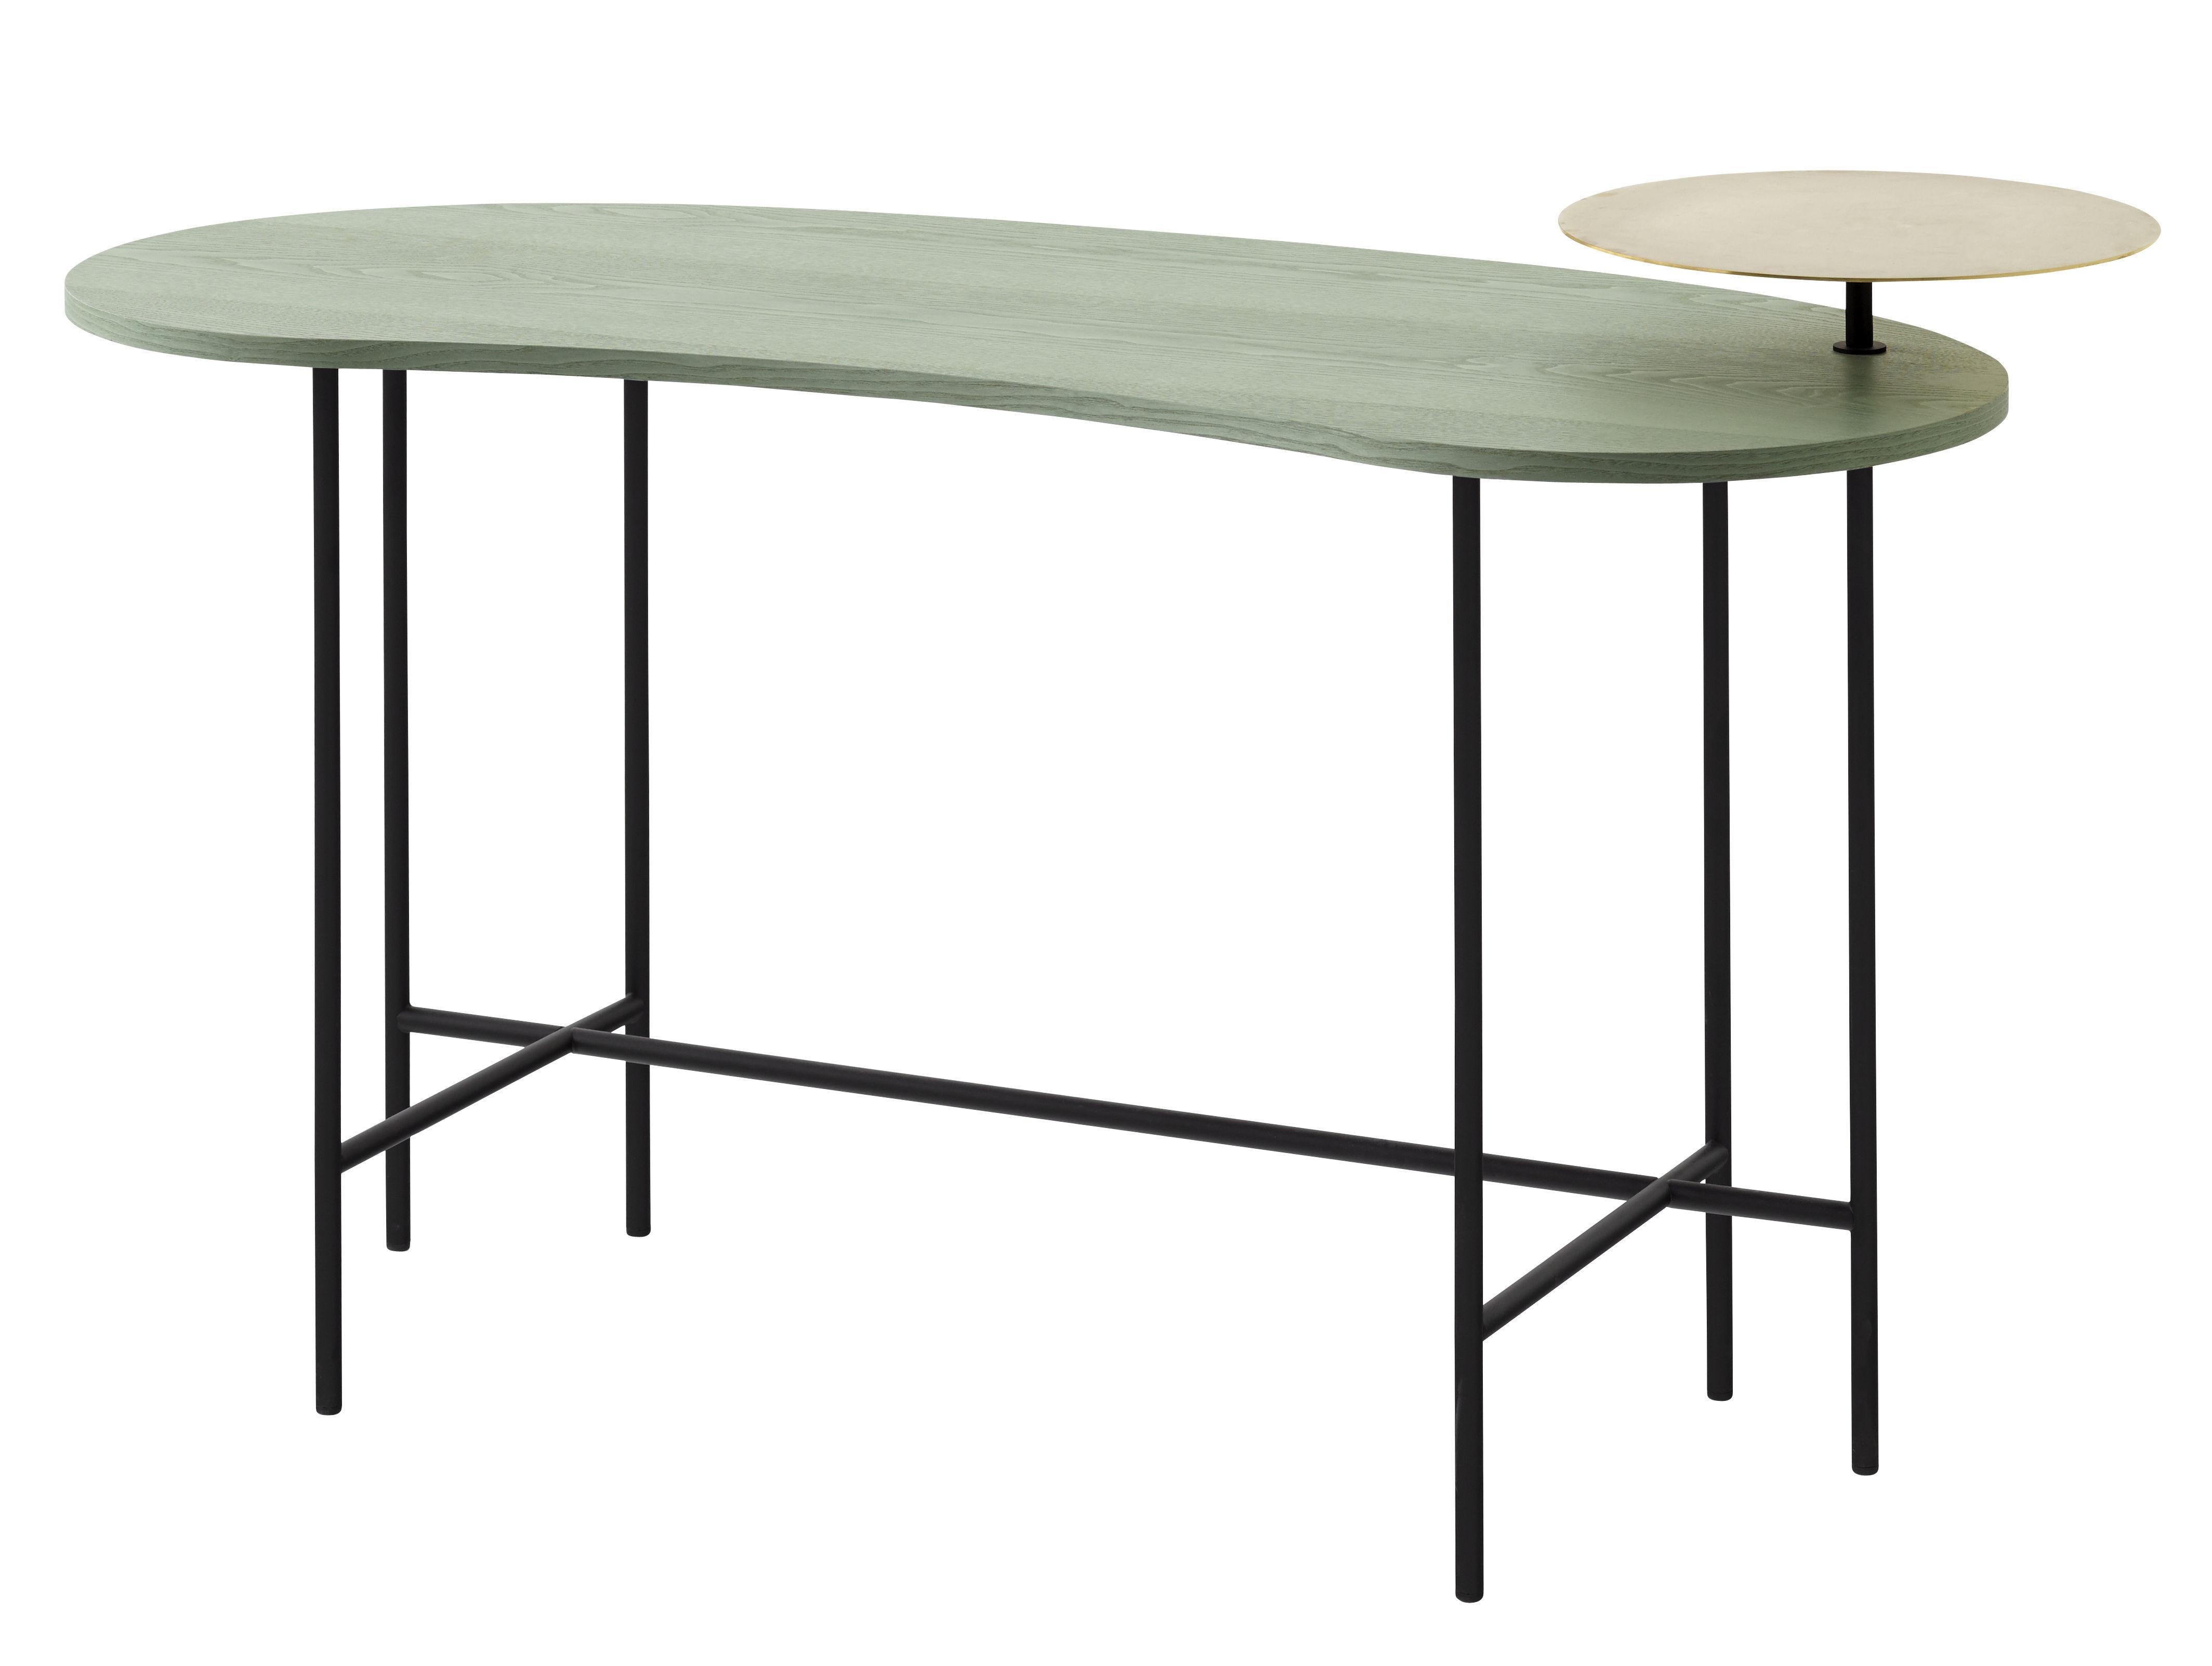 Mobilier - Bureaux - Bureau Palette JH9 / 2 plateaux - &tradition - Gris vert & laiton / Piètement noir - Acier laqué, Frêne, Laiton